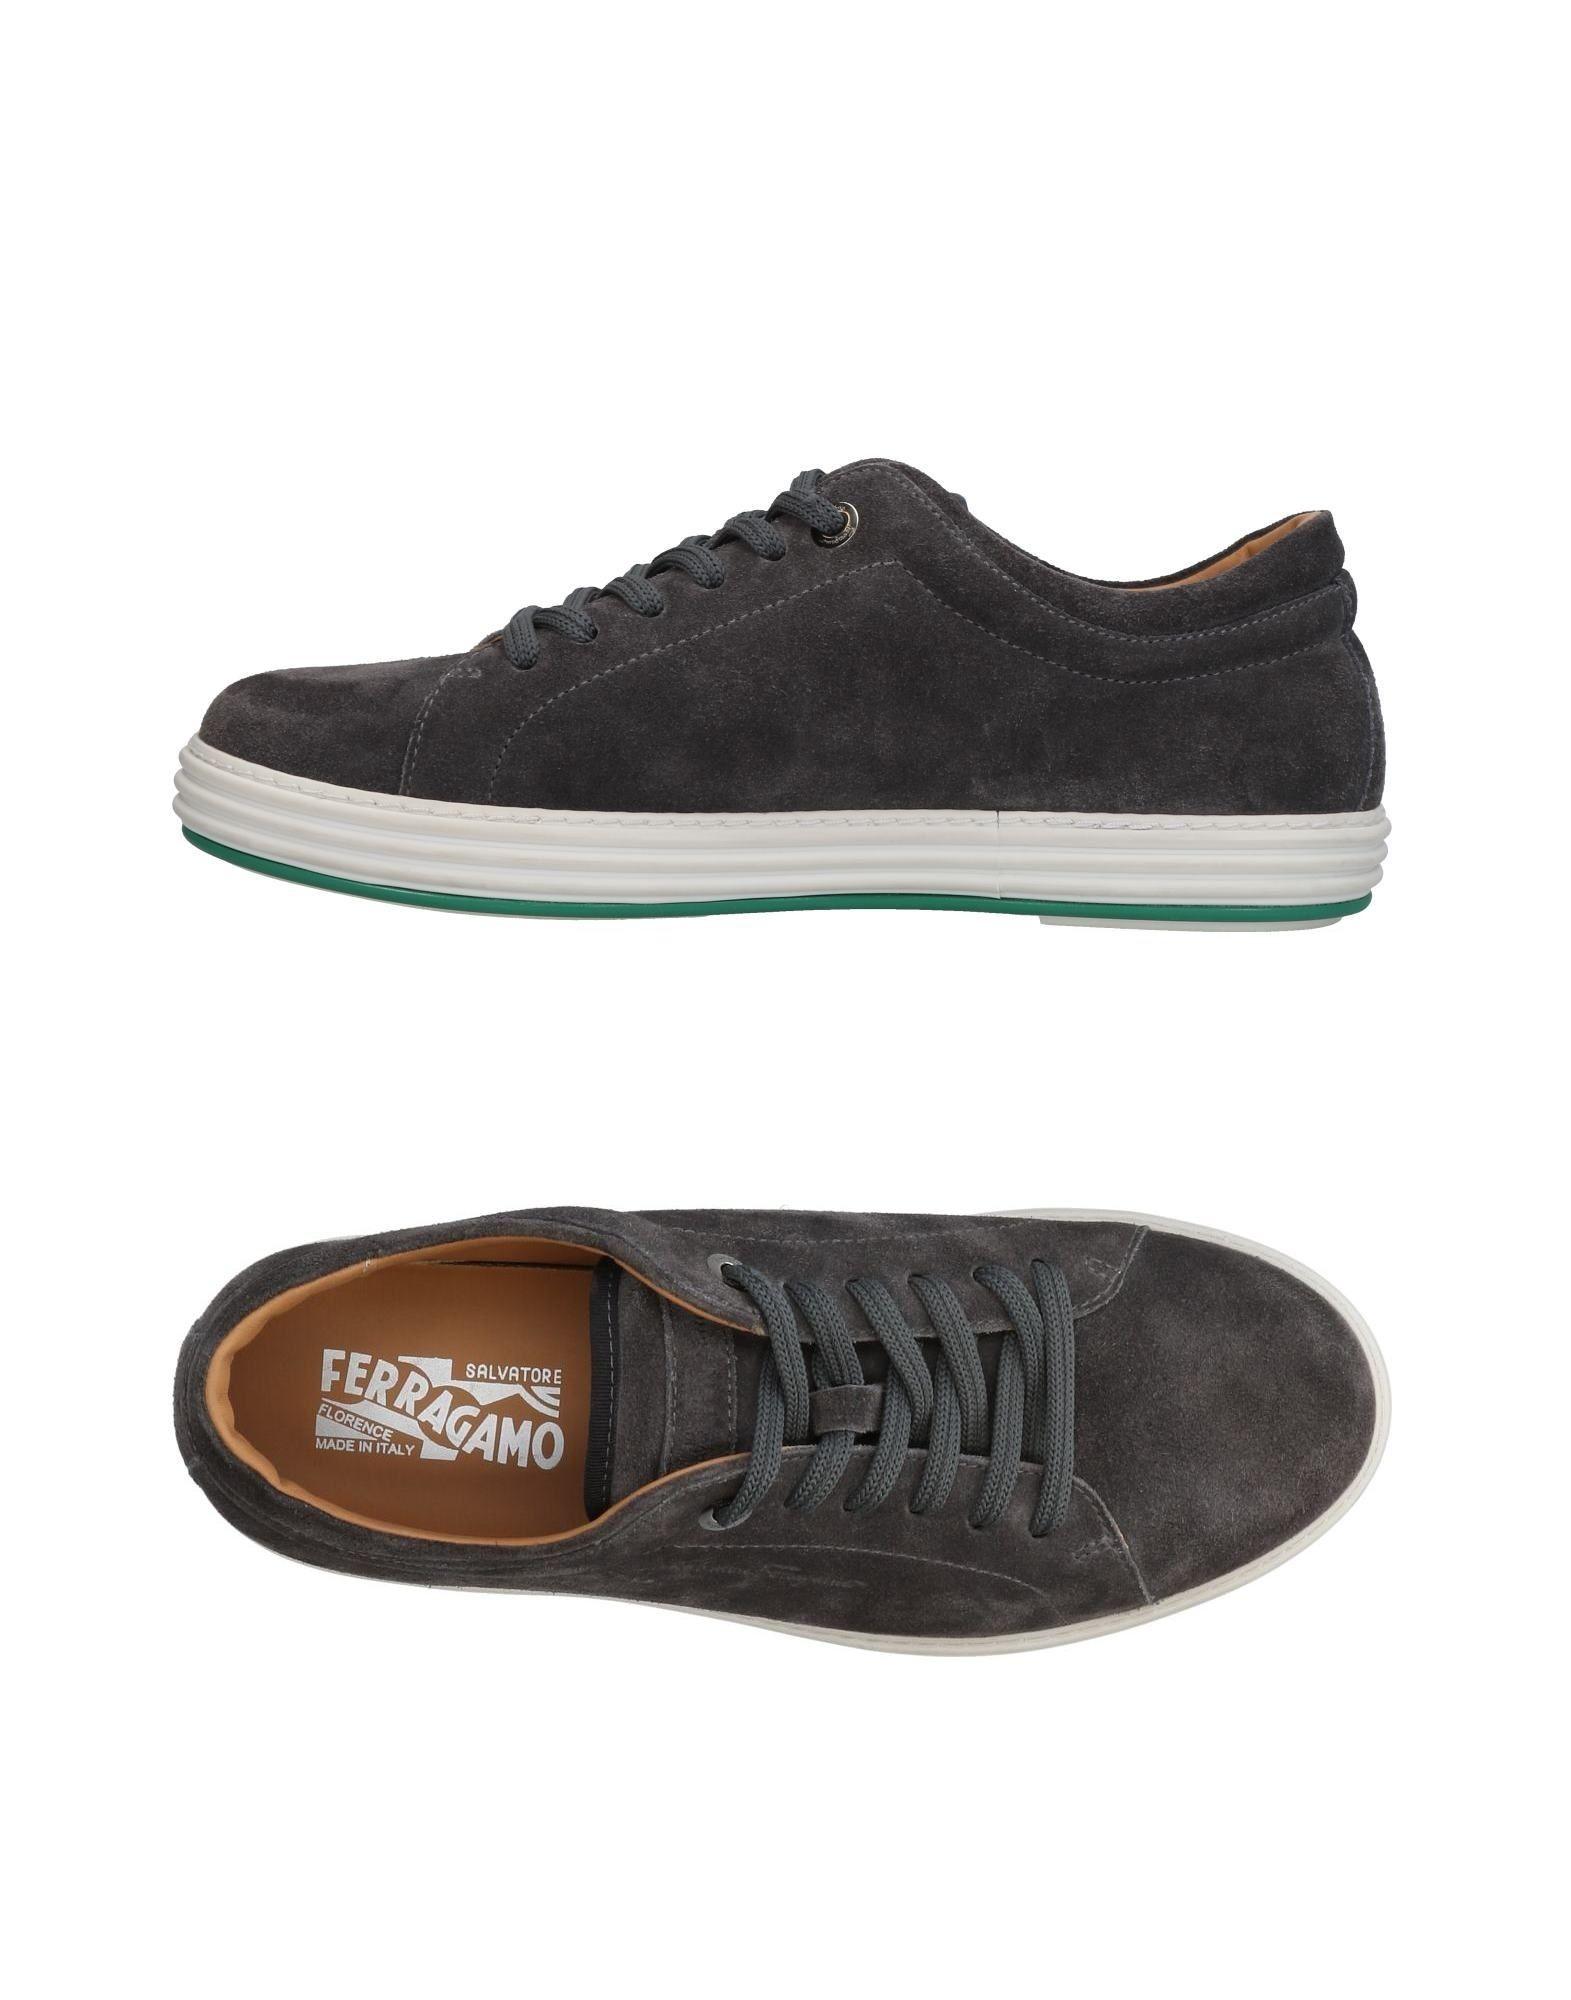 Salvatore Ferragamo Sneakers Herren  11435392KV Gute Qualität beliebte Schuhe